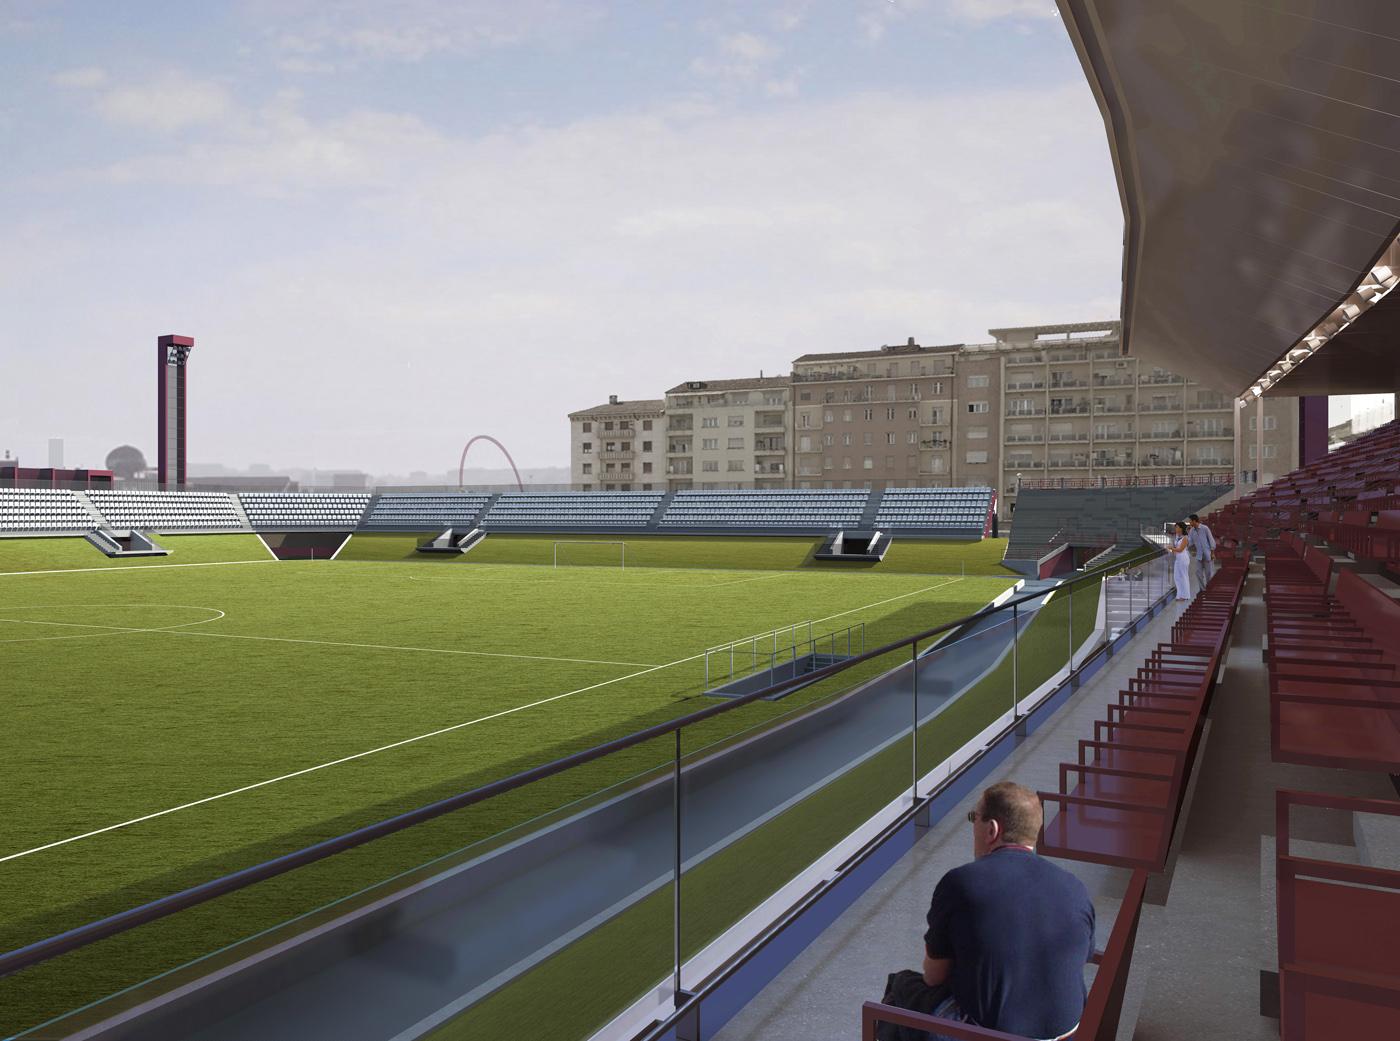 Nuovo Stadio Filadelfia a Torino. Progetto vincitore del concorso di idee. La tribuna coperta verso il campo | Bottega di Architettura